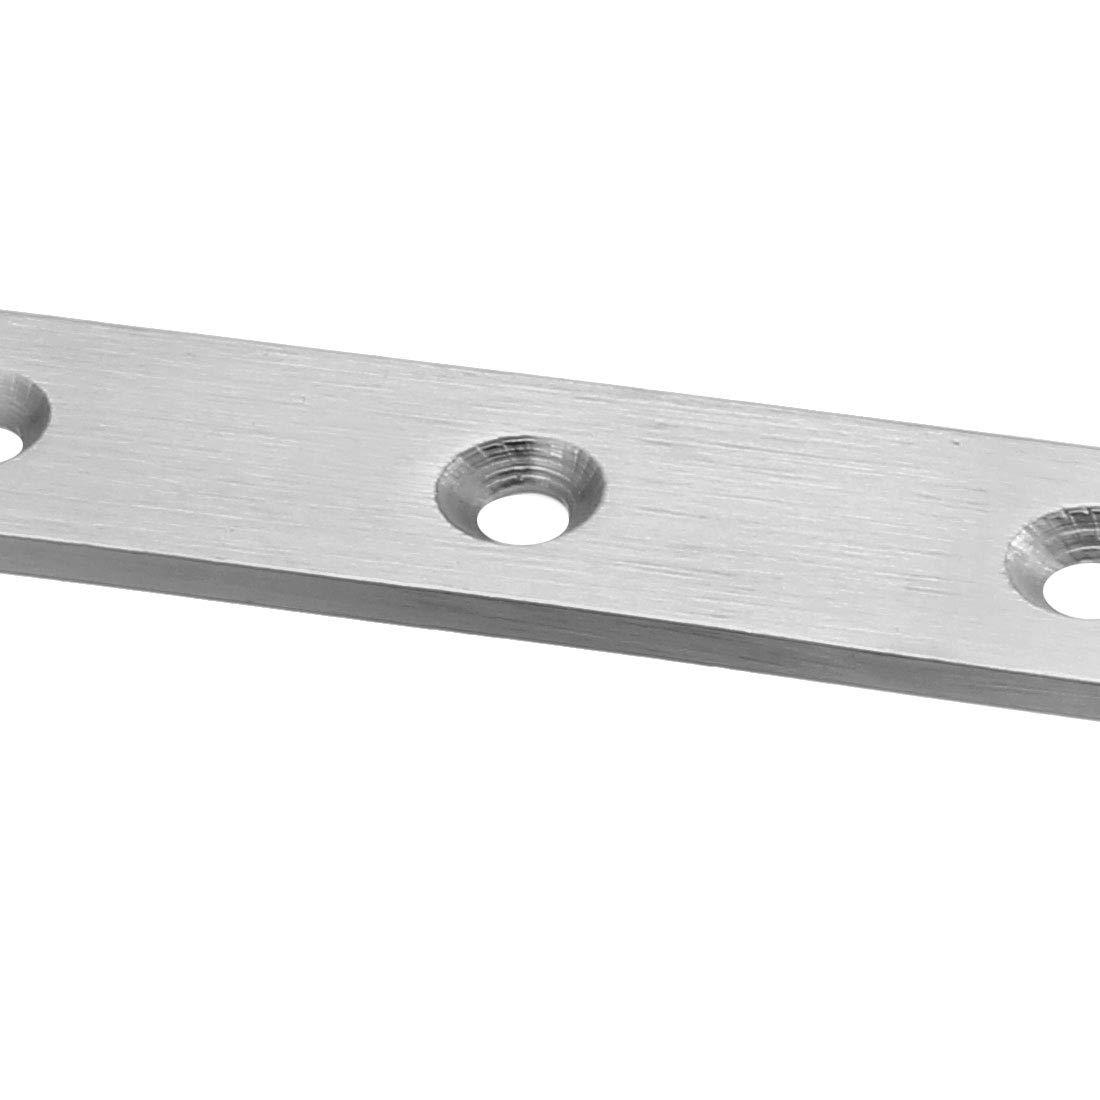 conector de soporte de soporte de esquina de reparaci/ón de fijaci/ón plana 2 piezas sourcing map Placa de reparaci/ón 245x20 mm